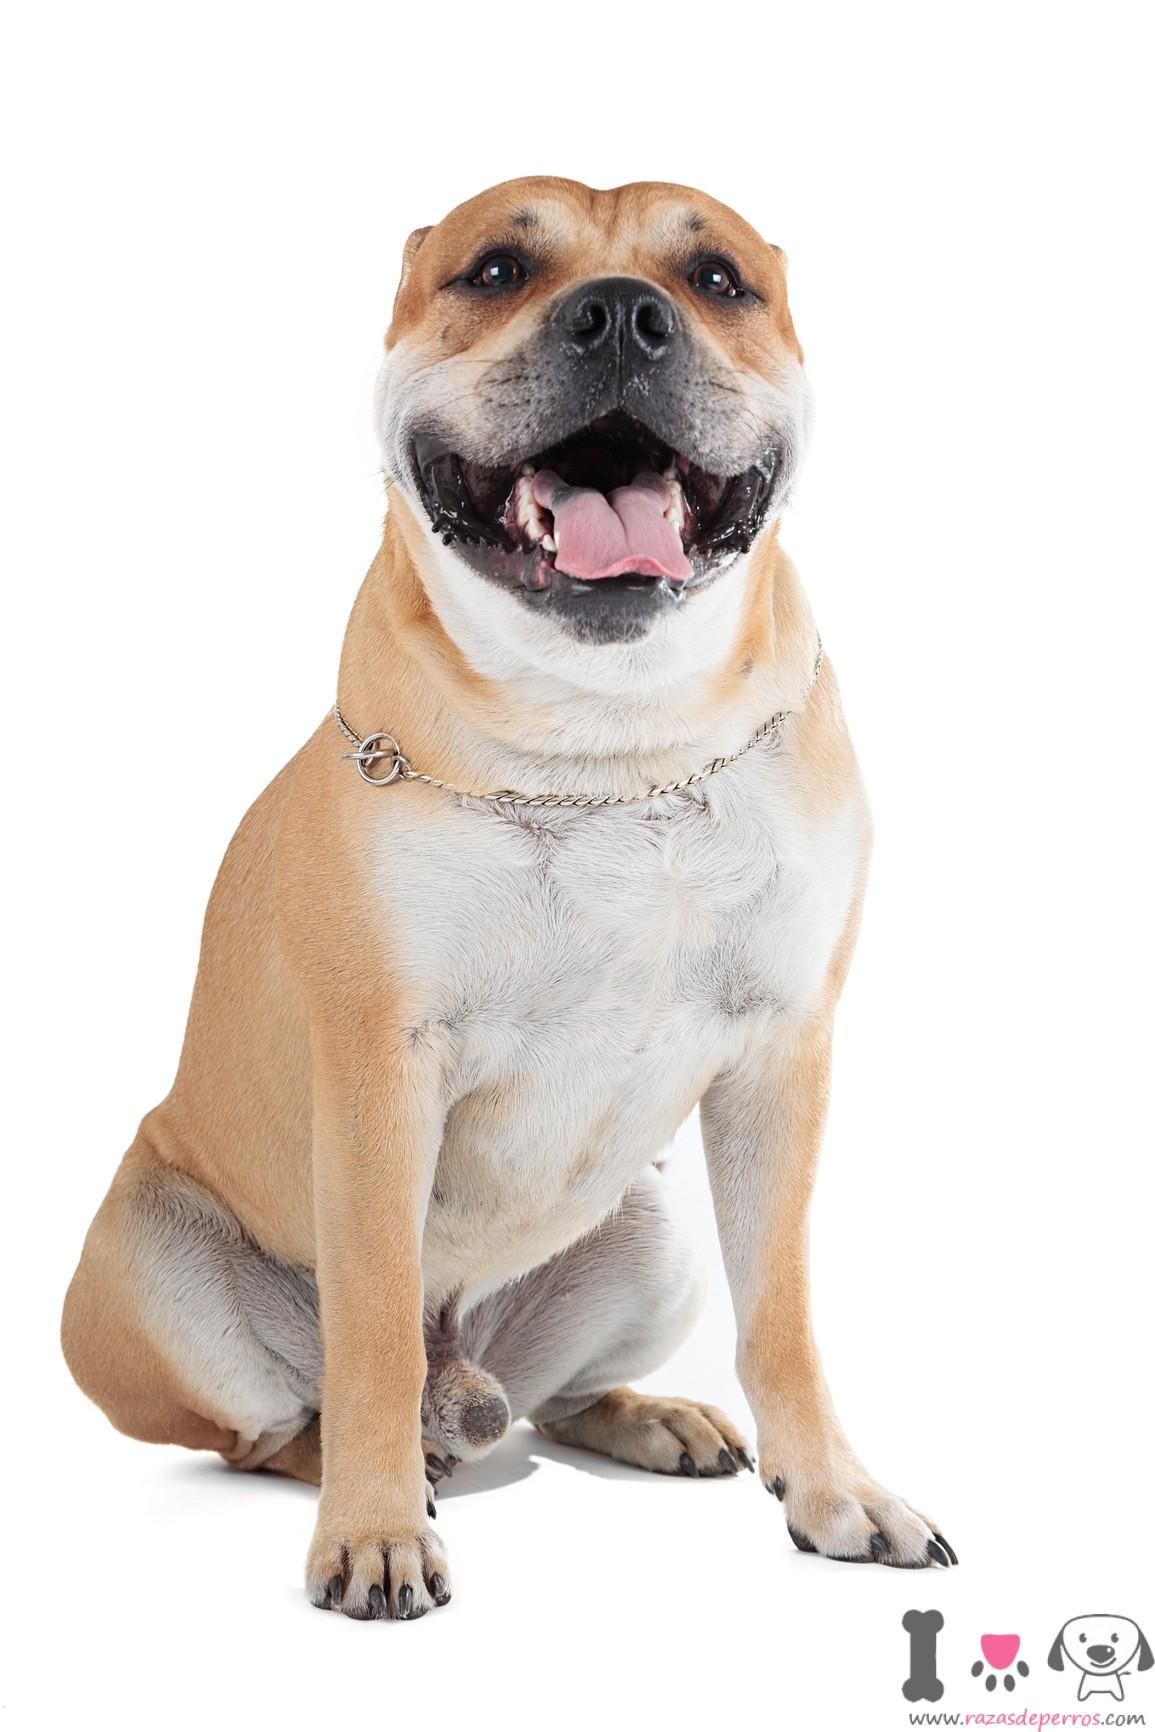 Dogo mallorquin